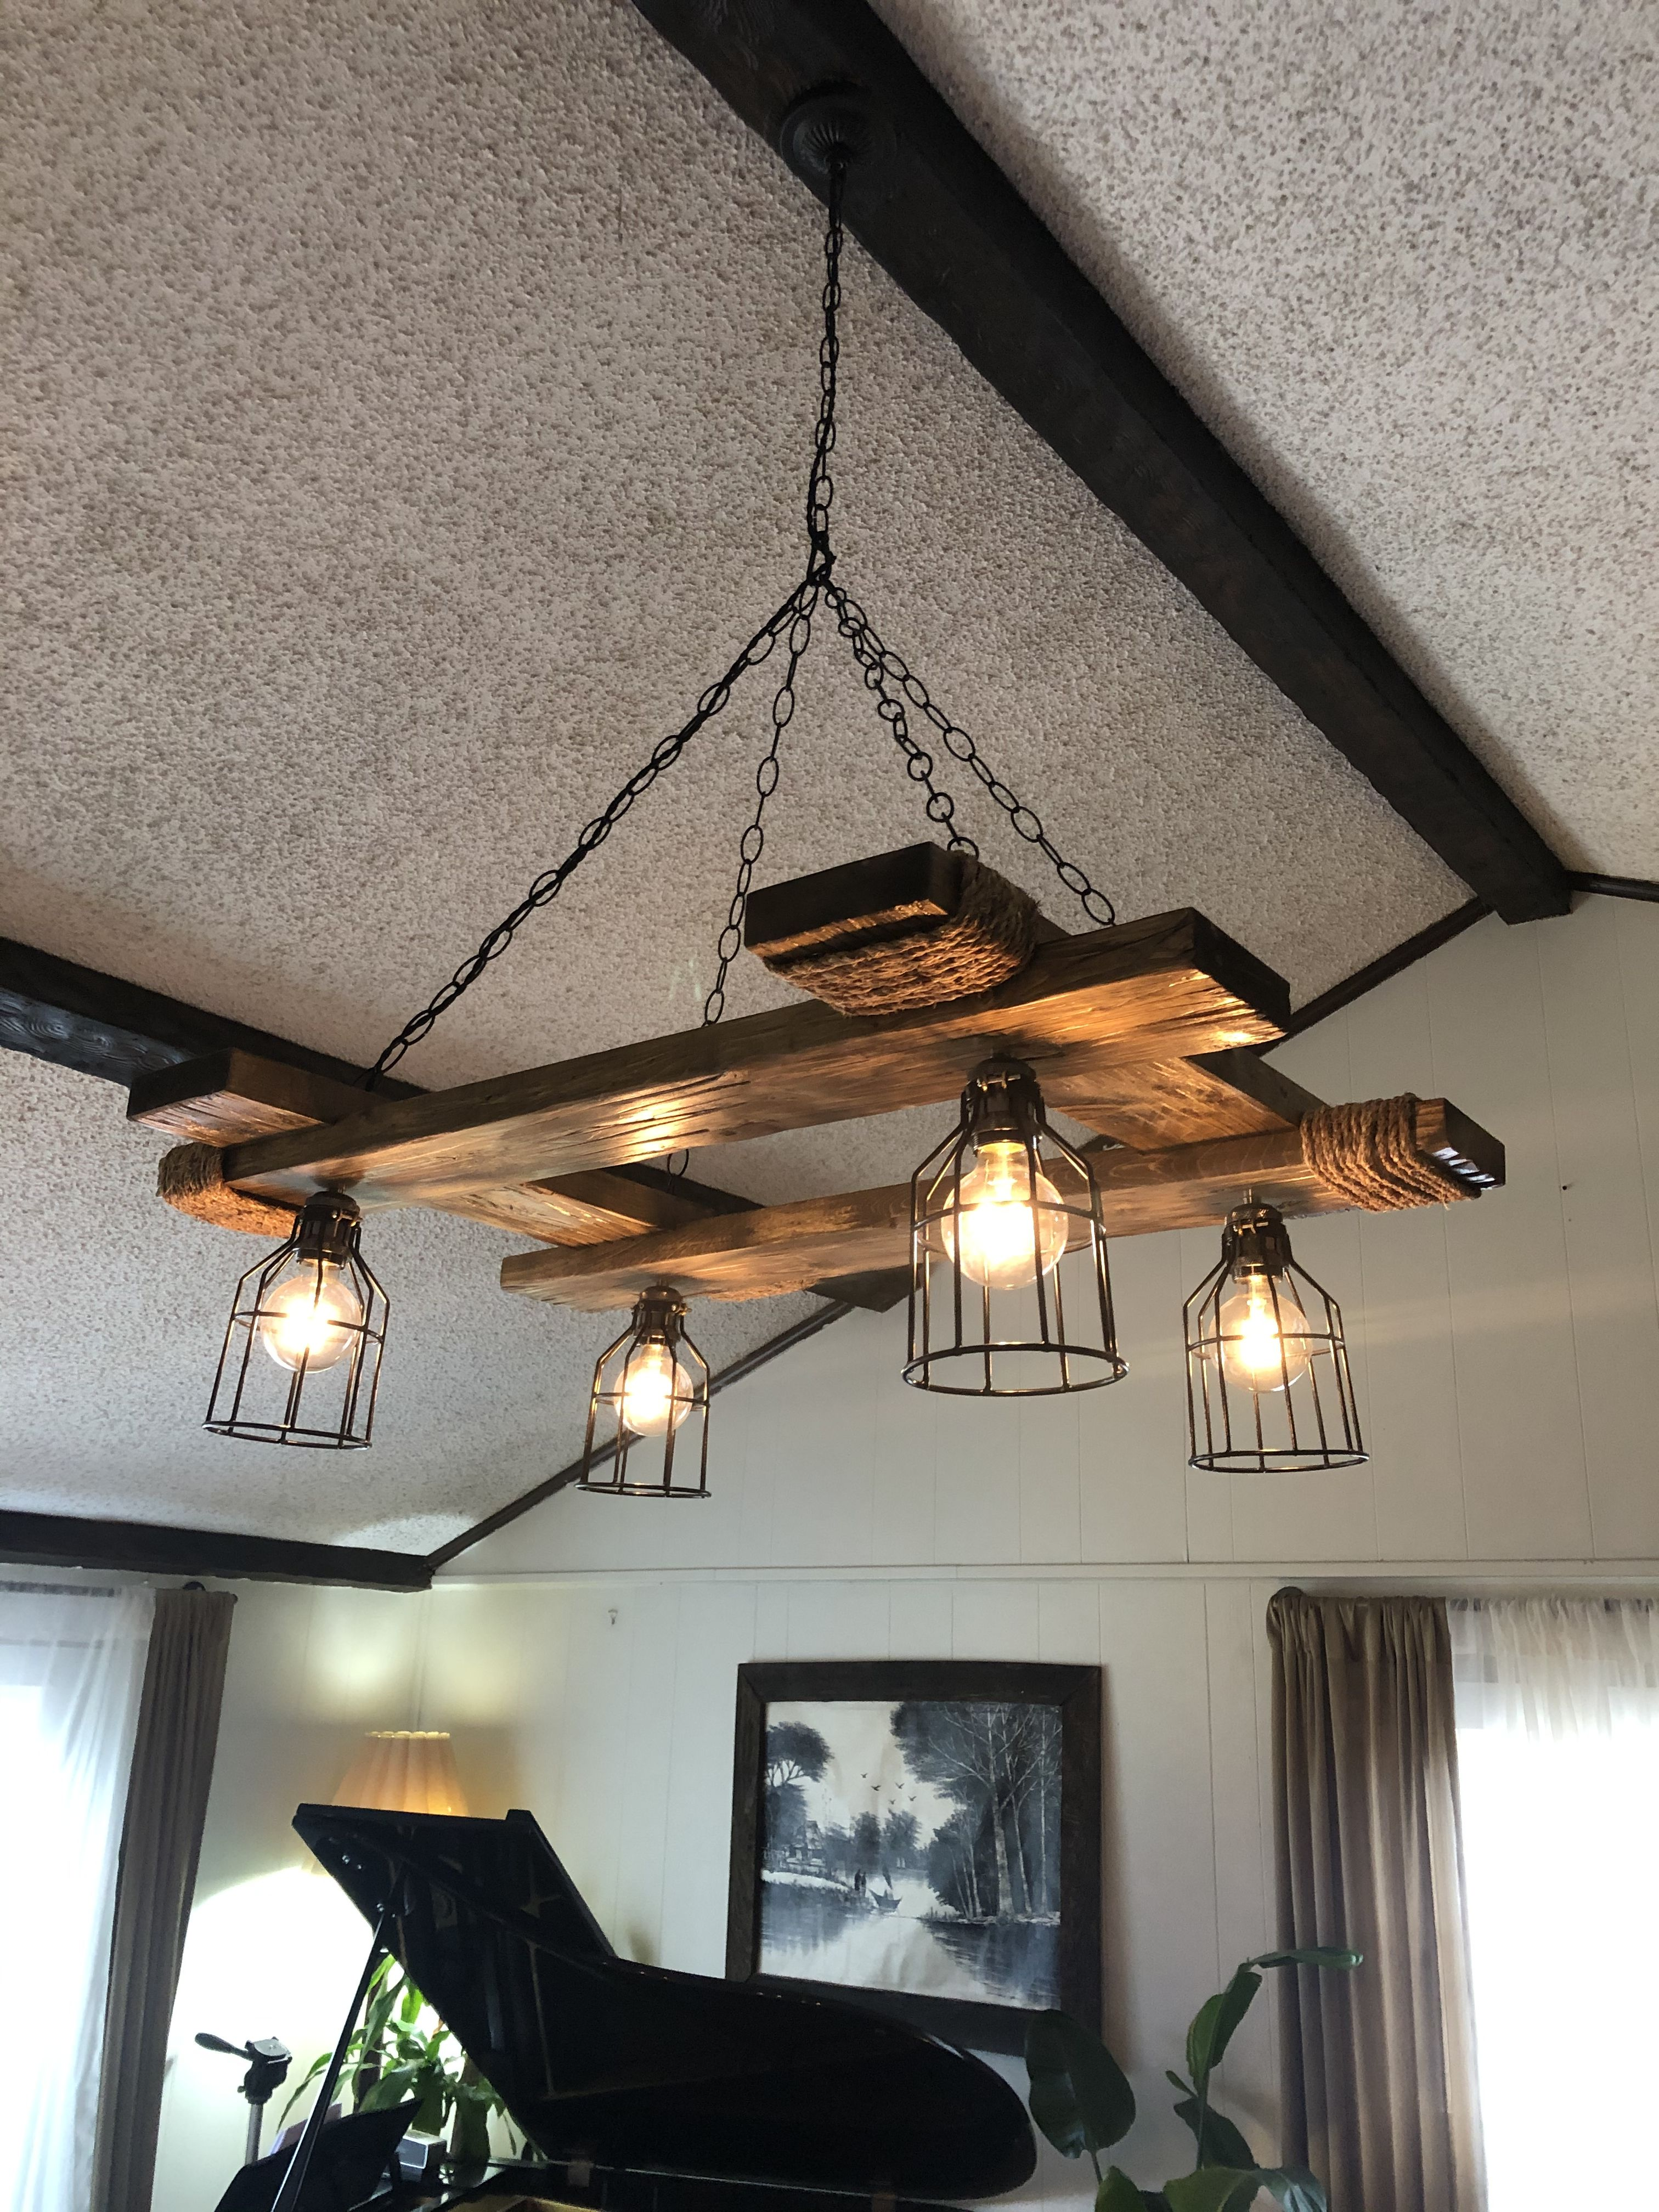 rustic bedroom light fixtures on diy rustic light fixture rustic light fixtures ceiling lights living room rustic ceiling lights rustic light fixtures ceiling lights